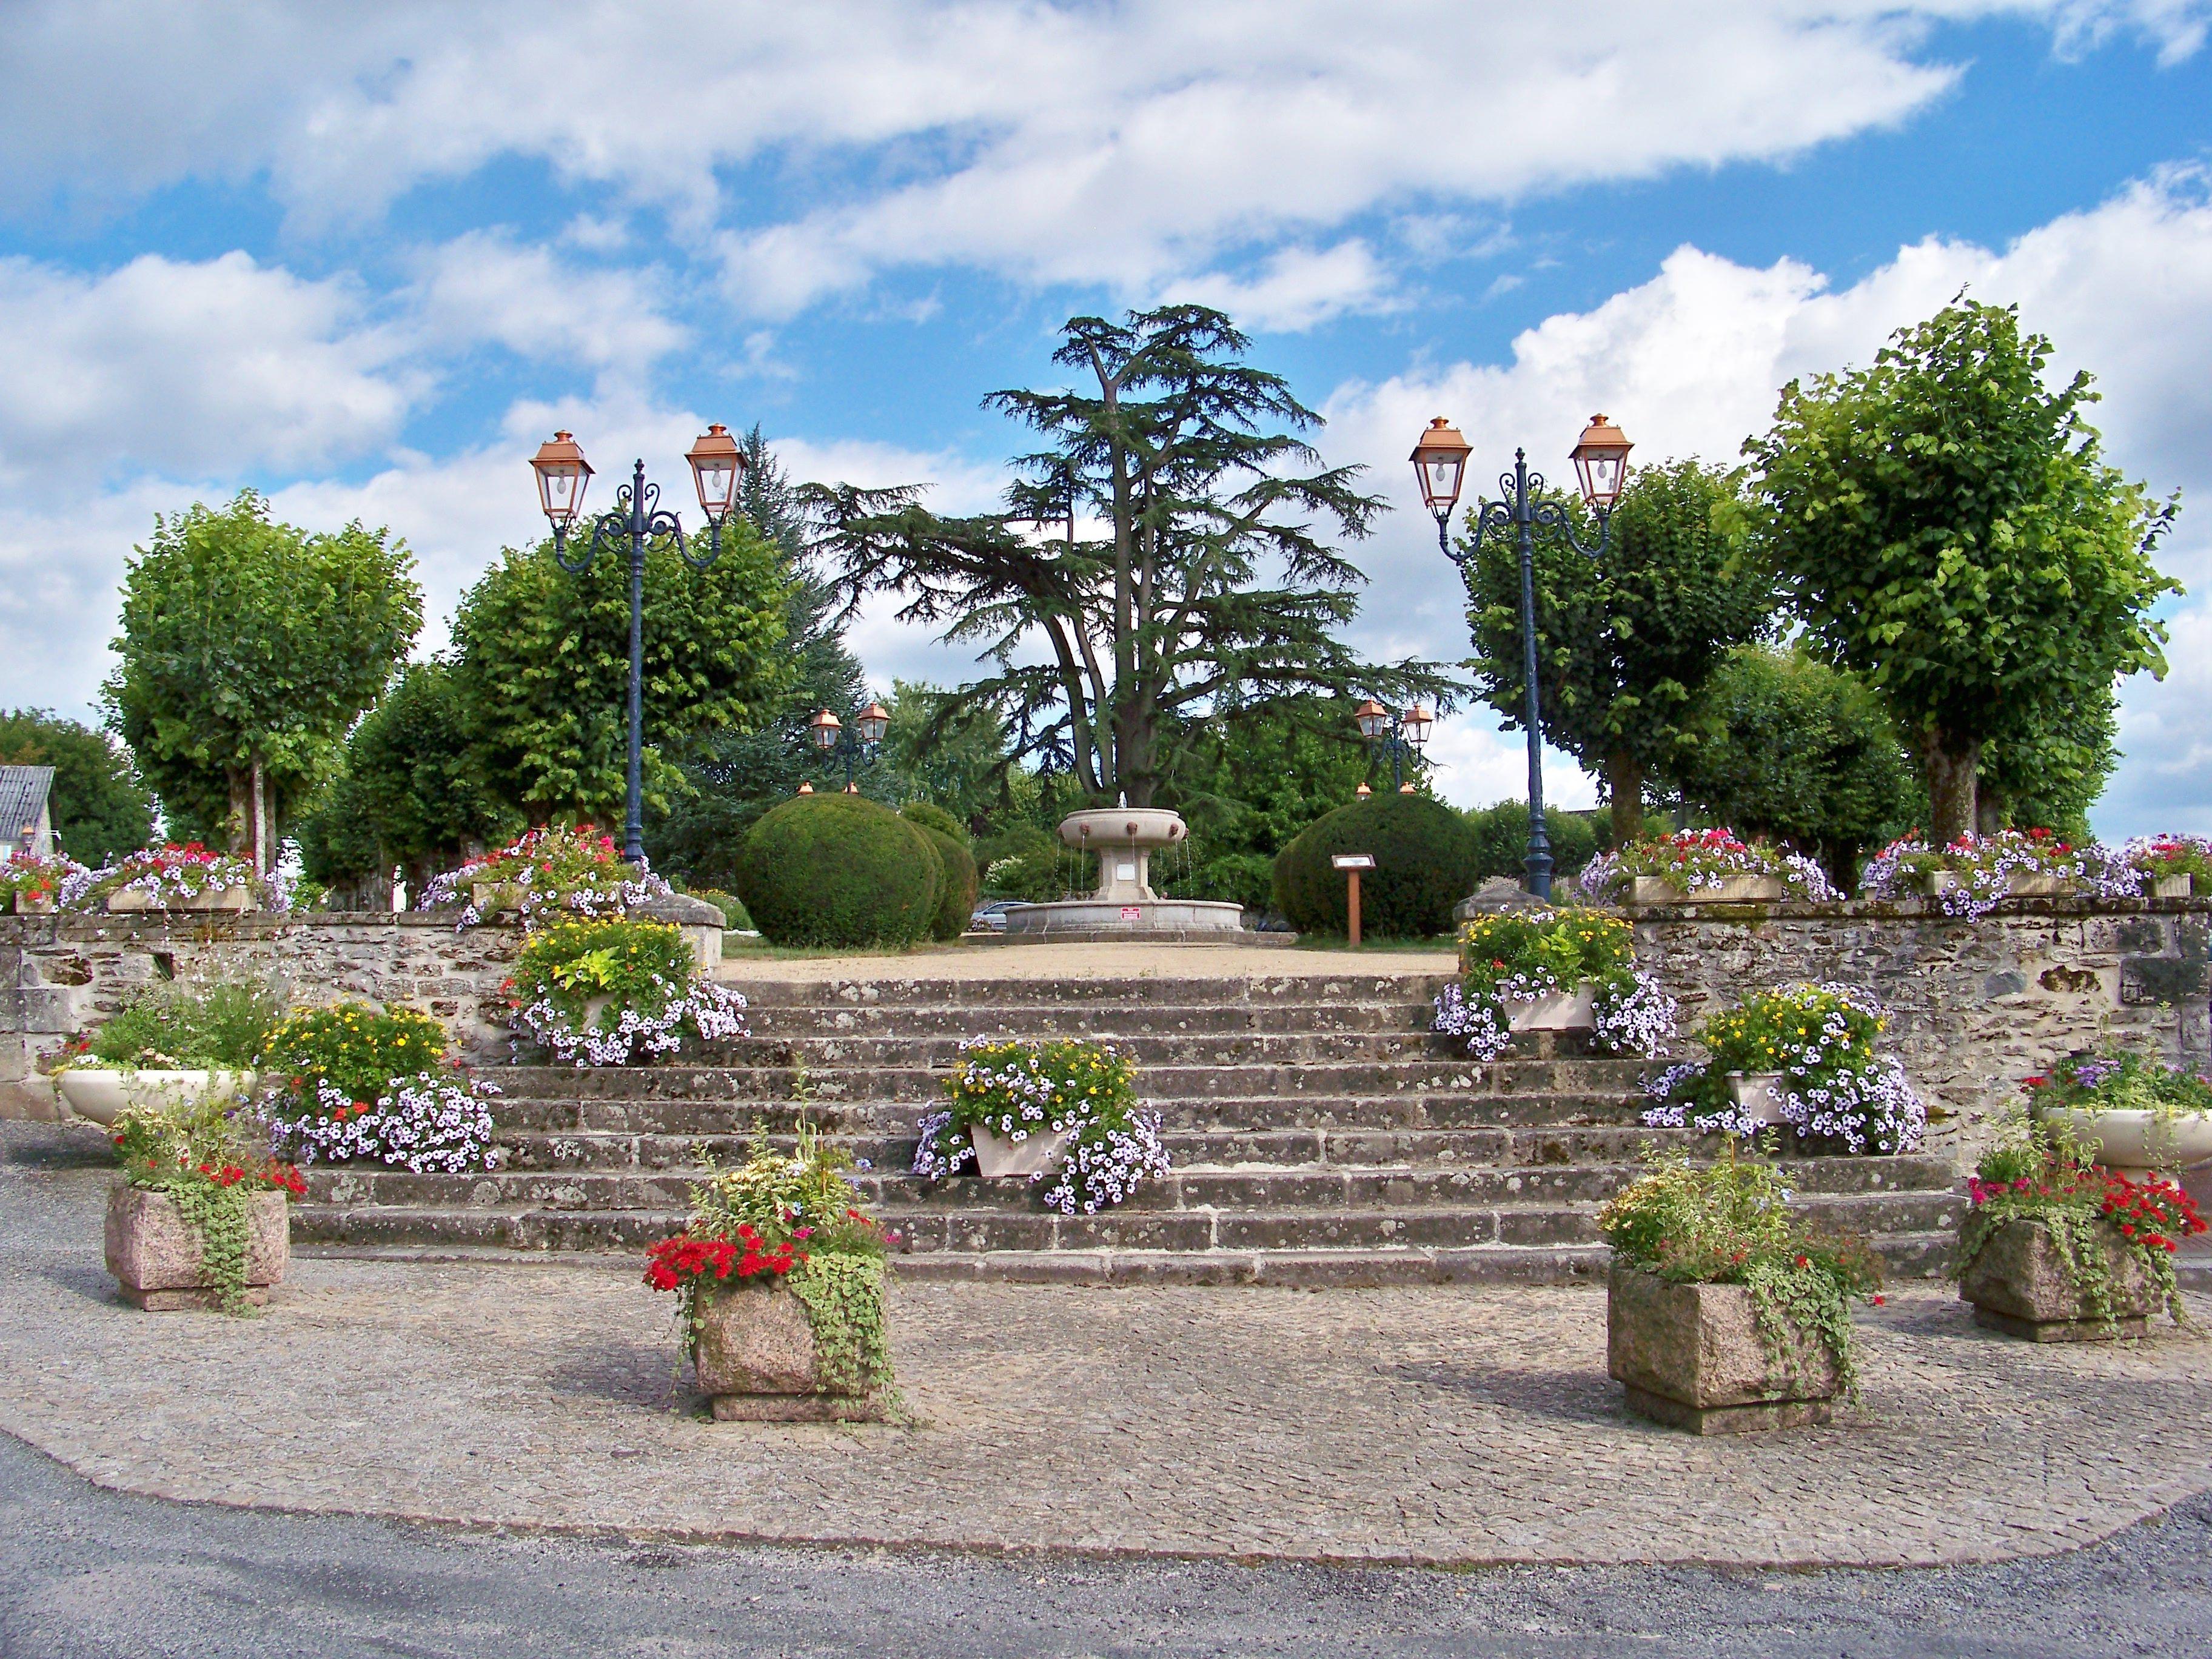 Bassins Avec Lame D Eau Rebeyrol - Fontaine Jardin Japonais Limoges ...